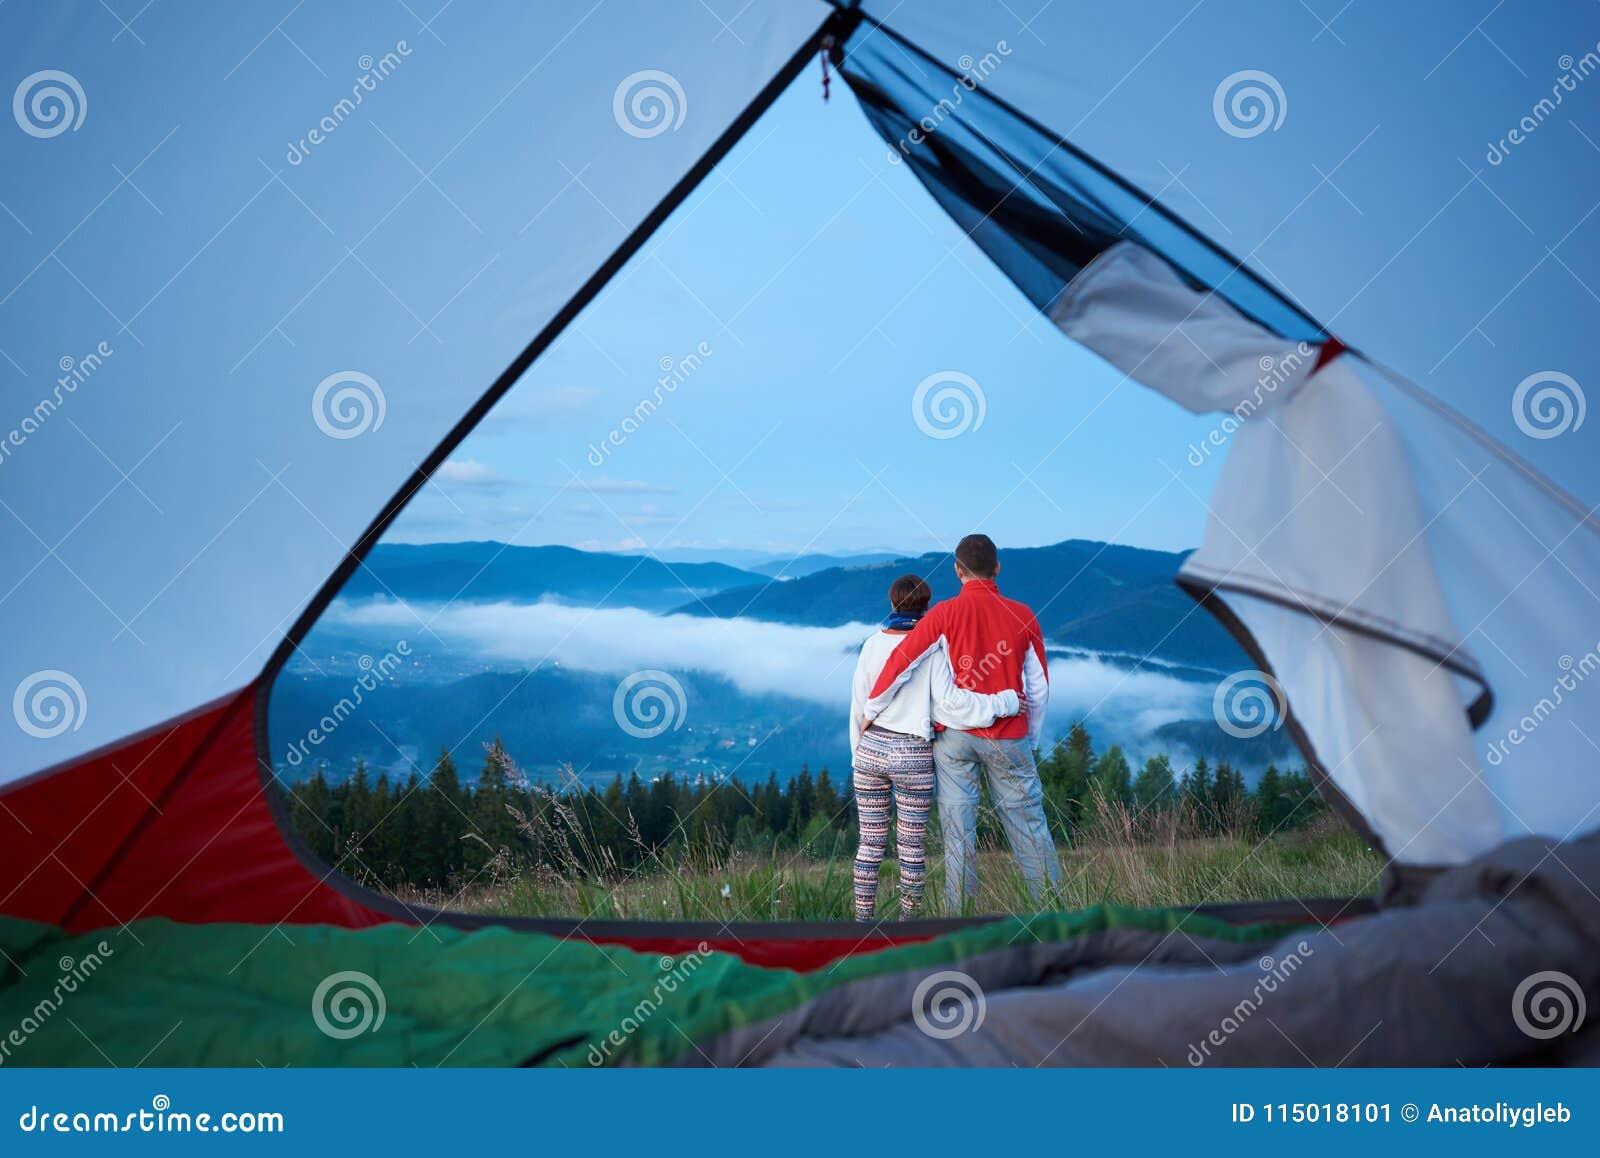 Tillbaka sikt av det söta paranseendet som kramar sig som beundrar sikten av berg